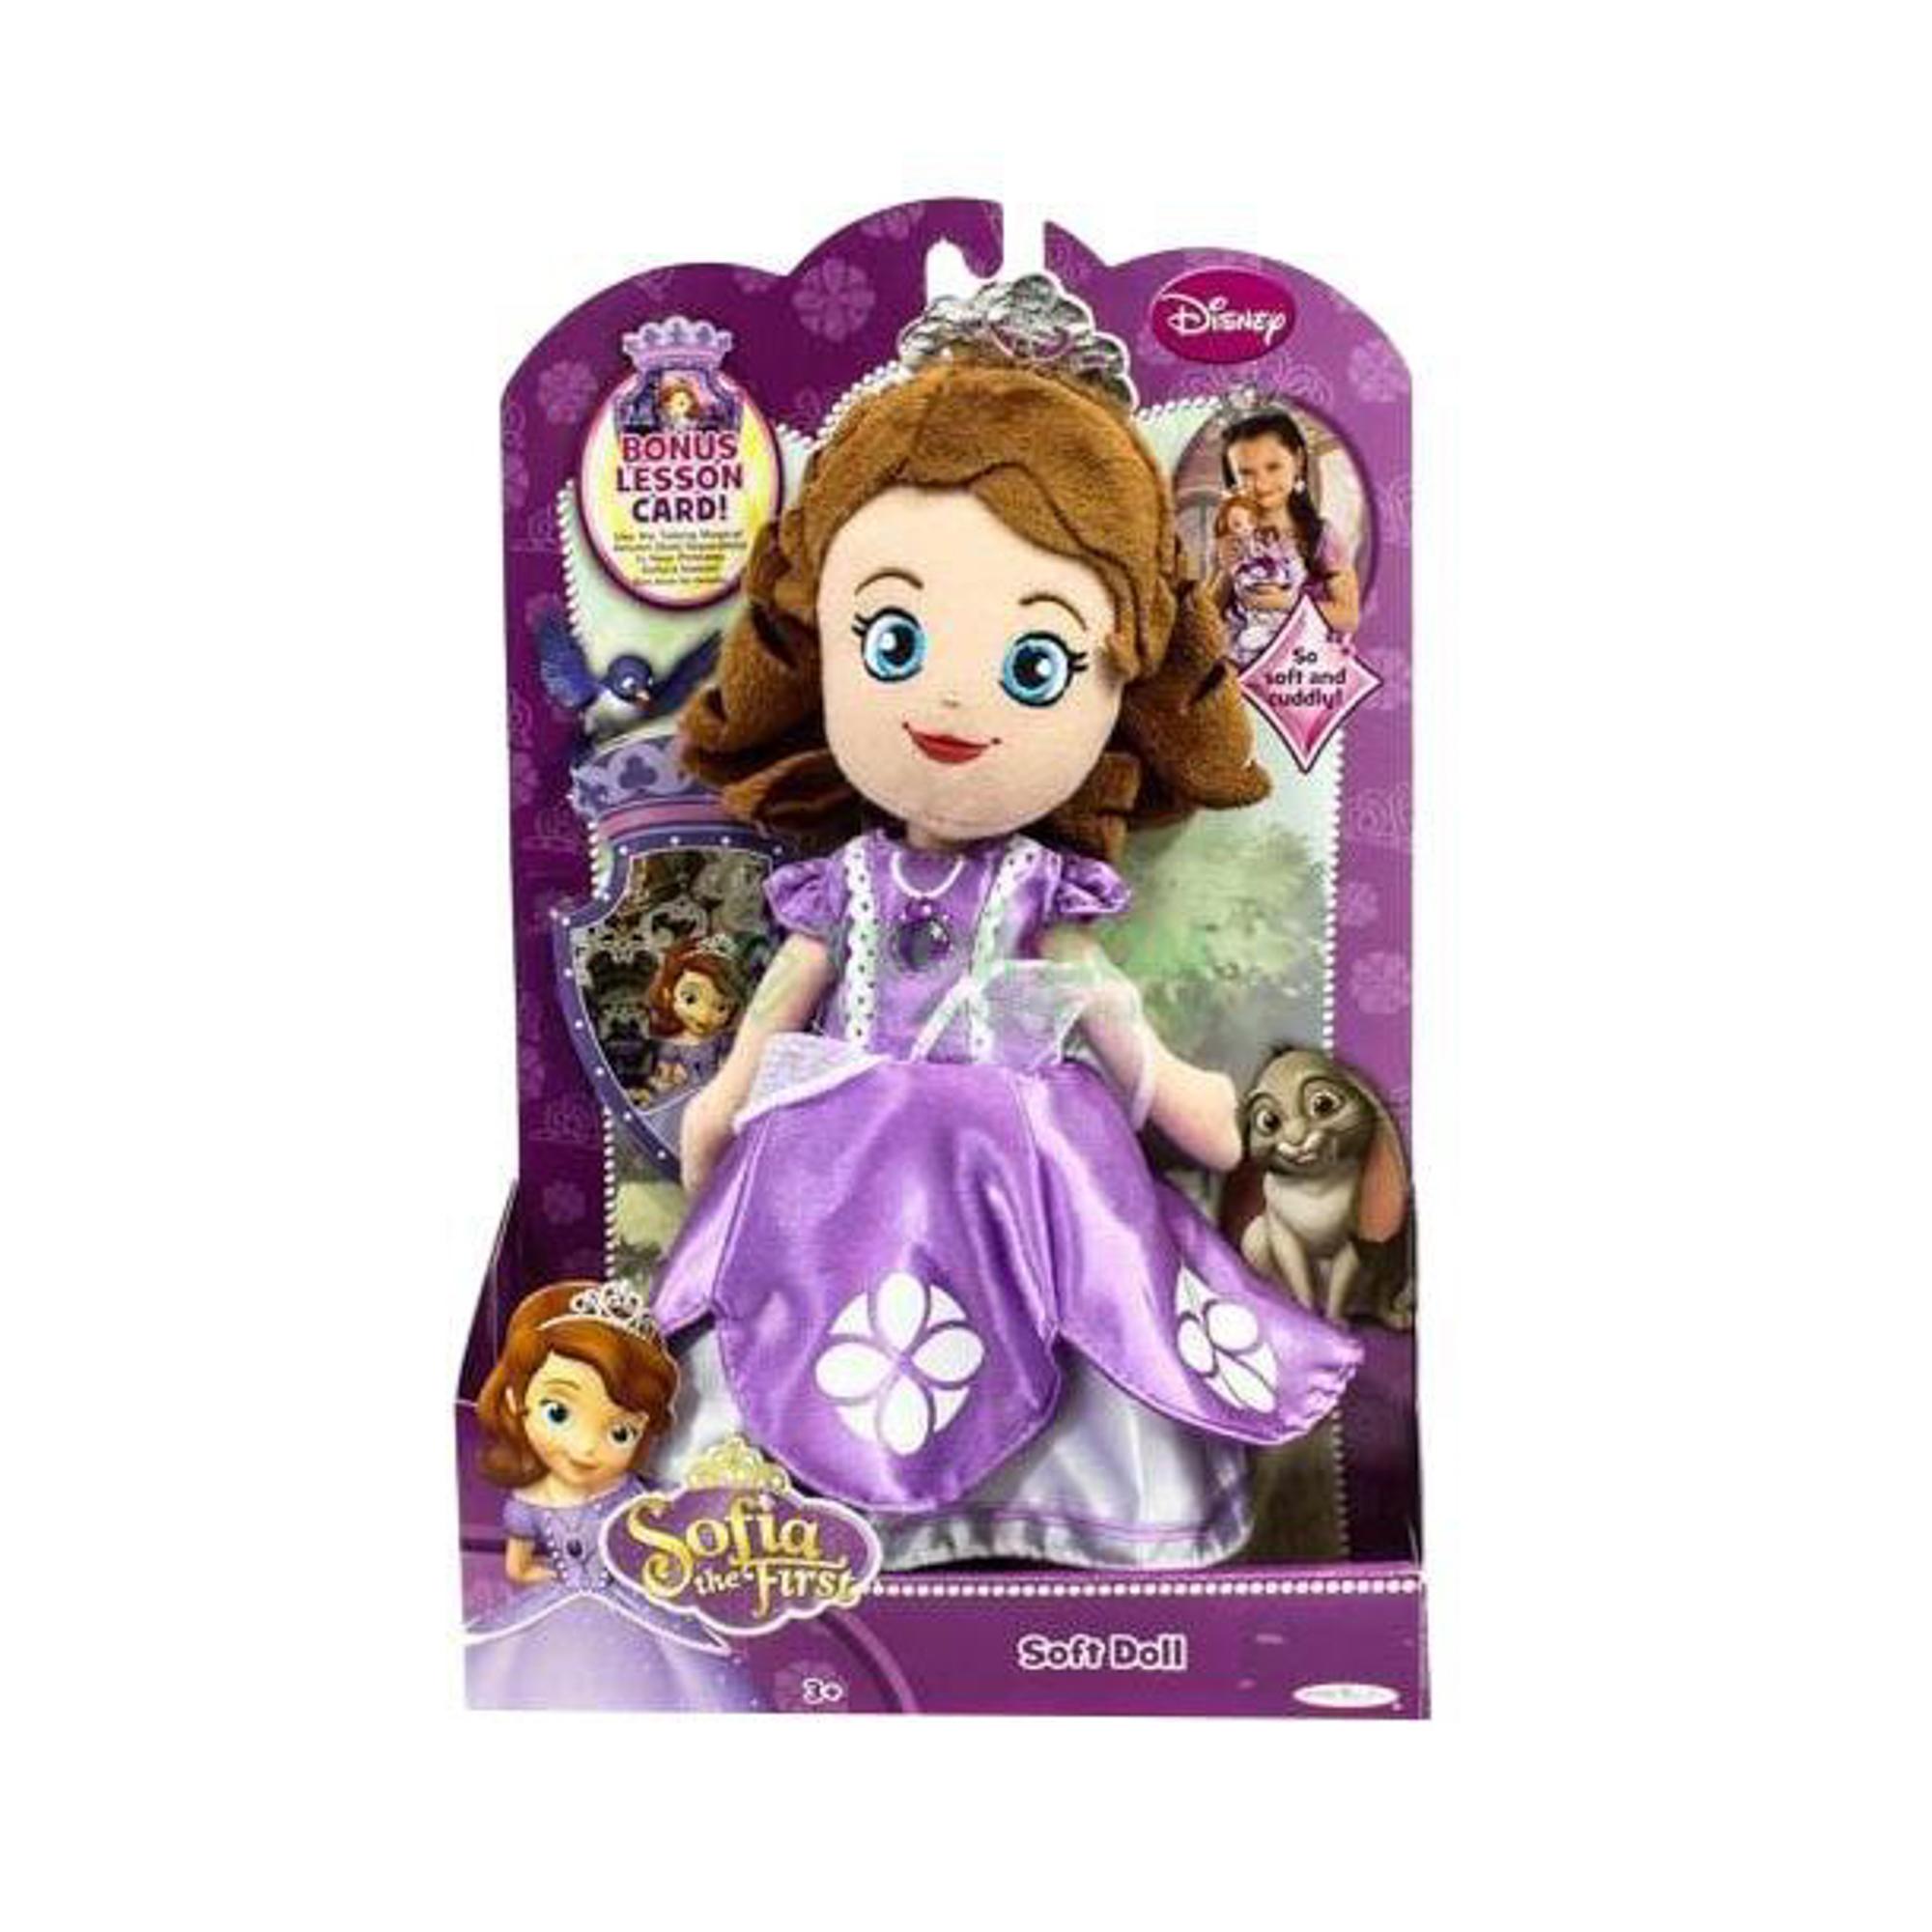 CDI Плюшевая кукла Принцесса София 20 см +карточка фото